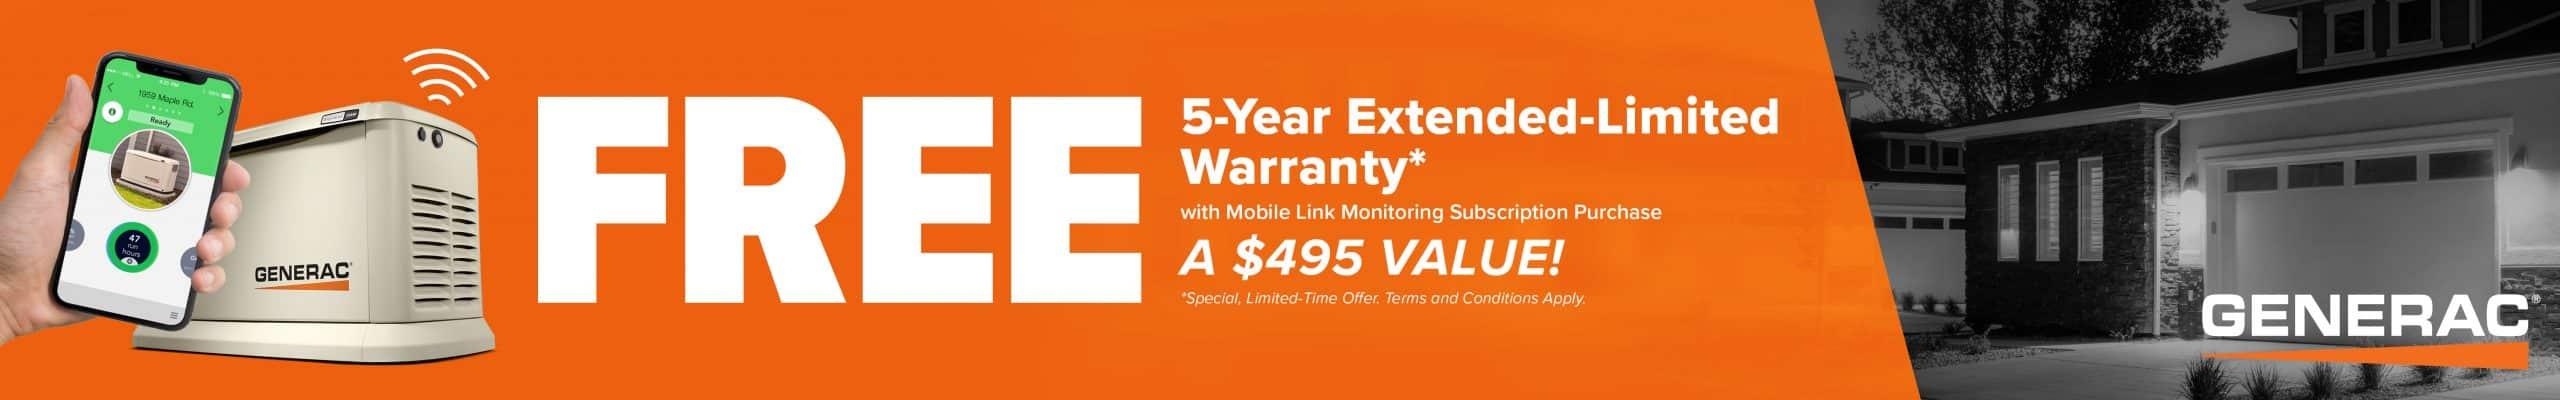 Generac 5-year Extended Warranty